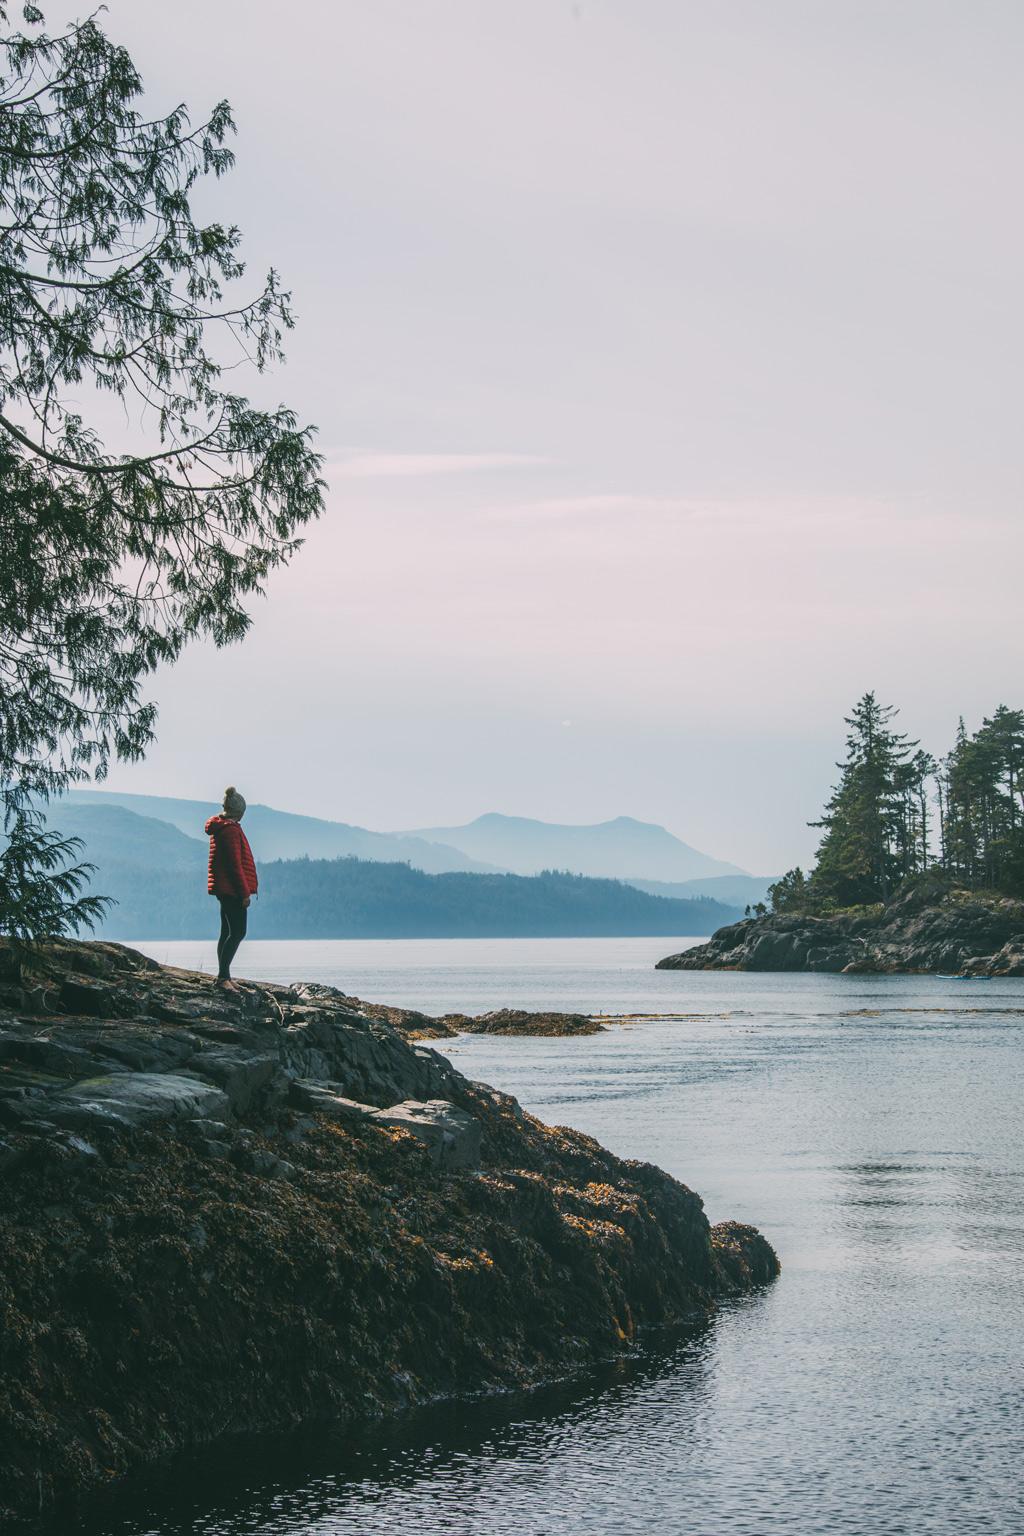 Vancouver Island: Eine Frau steht auf einem Felsen mit Blick auf das Meer.